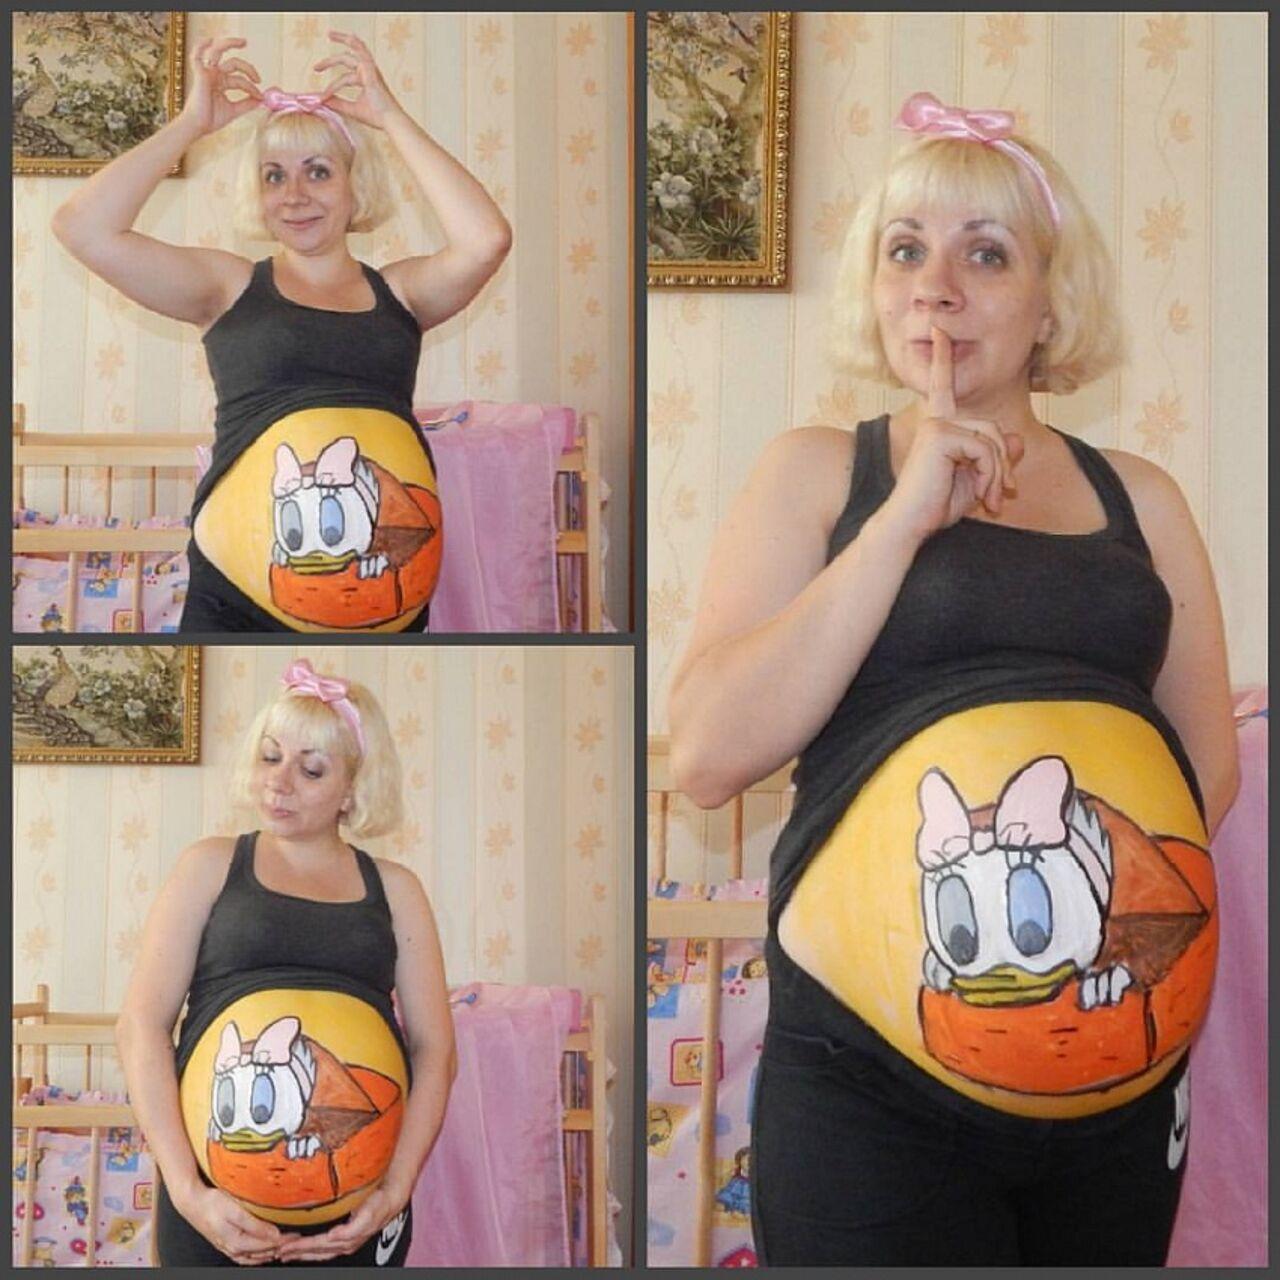 Беременная жительница Кузбасса рисует картины на собственном животе